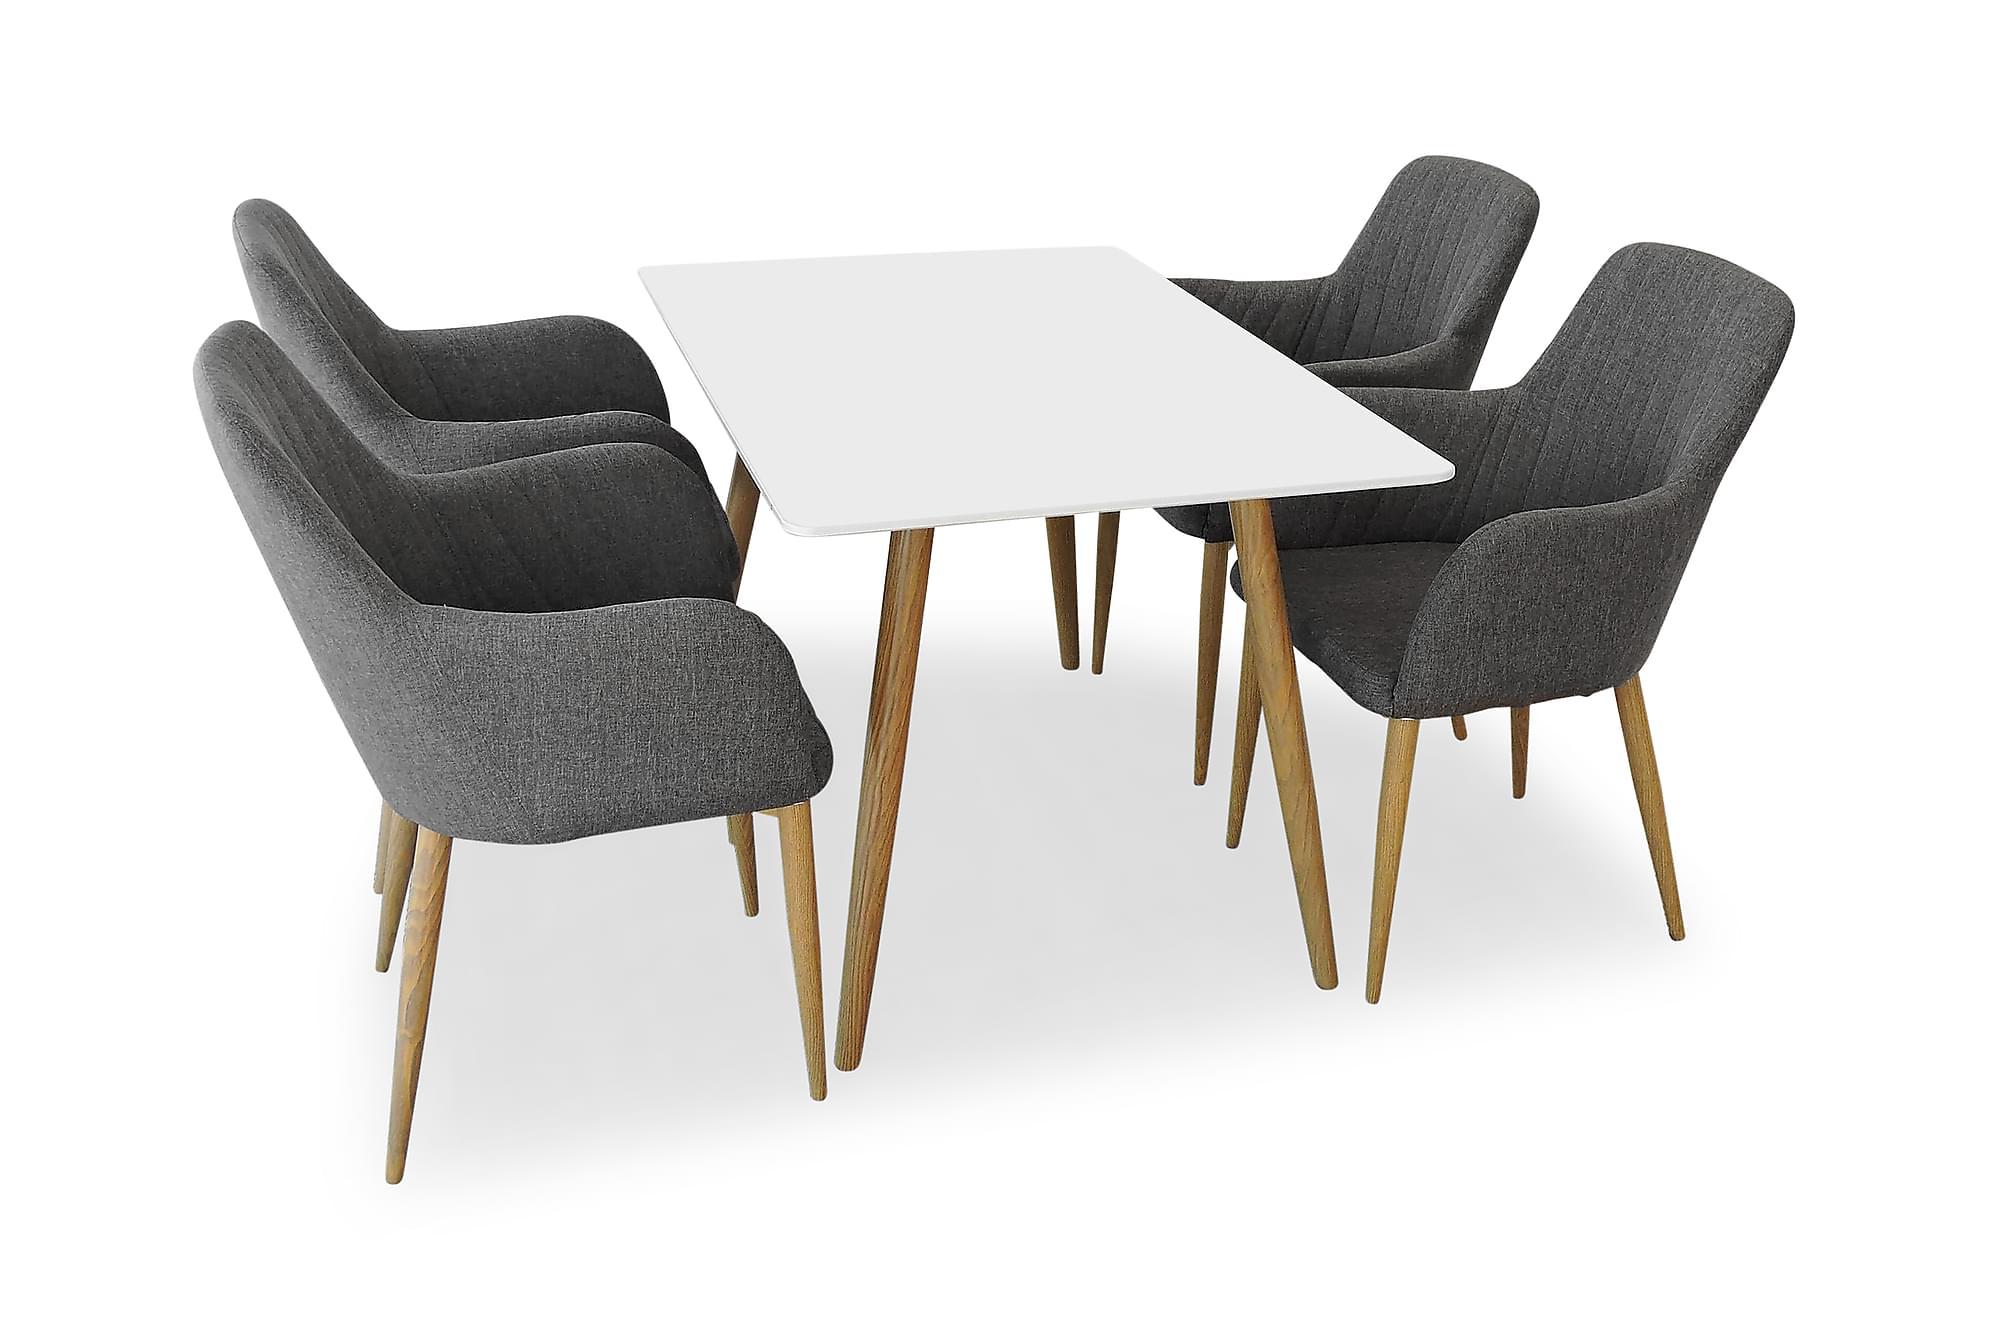 PEDER Matbord 120 Vit/Ek + 4 CASPIAN Fåtölj Grå